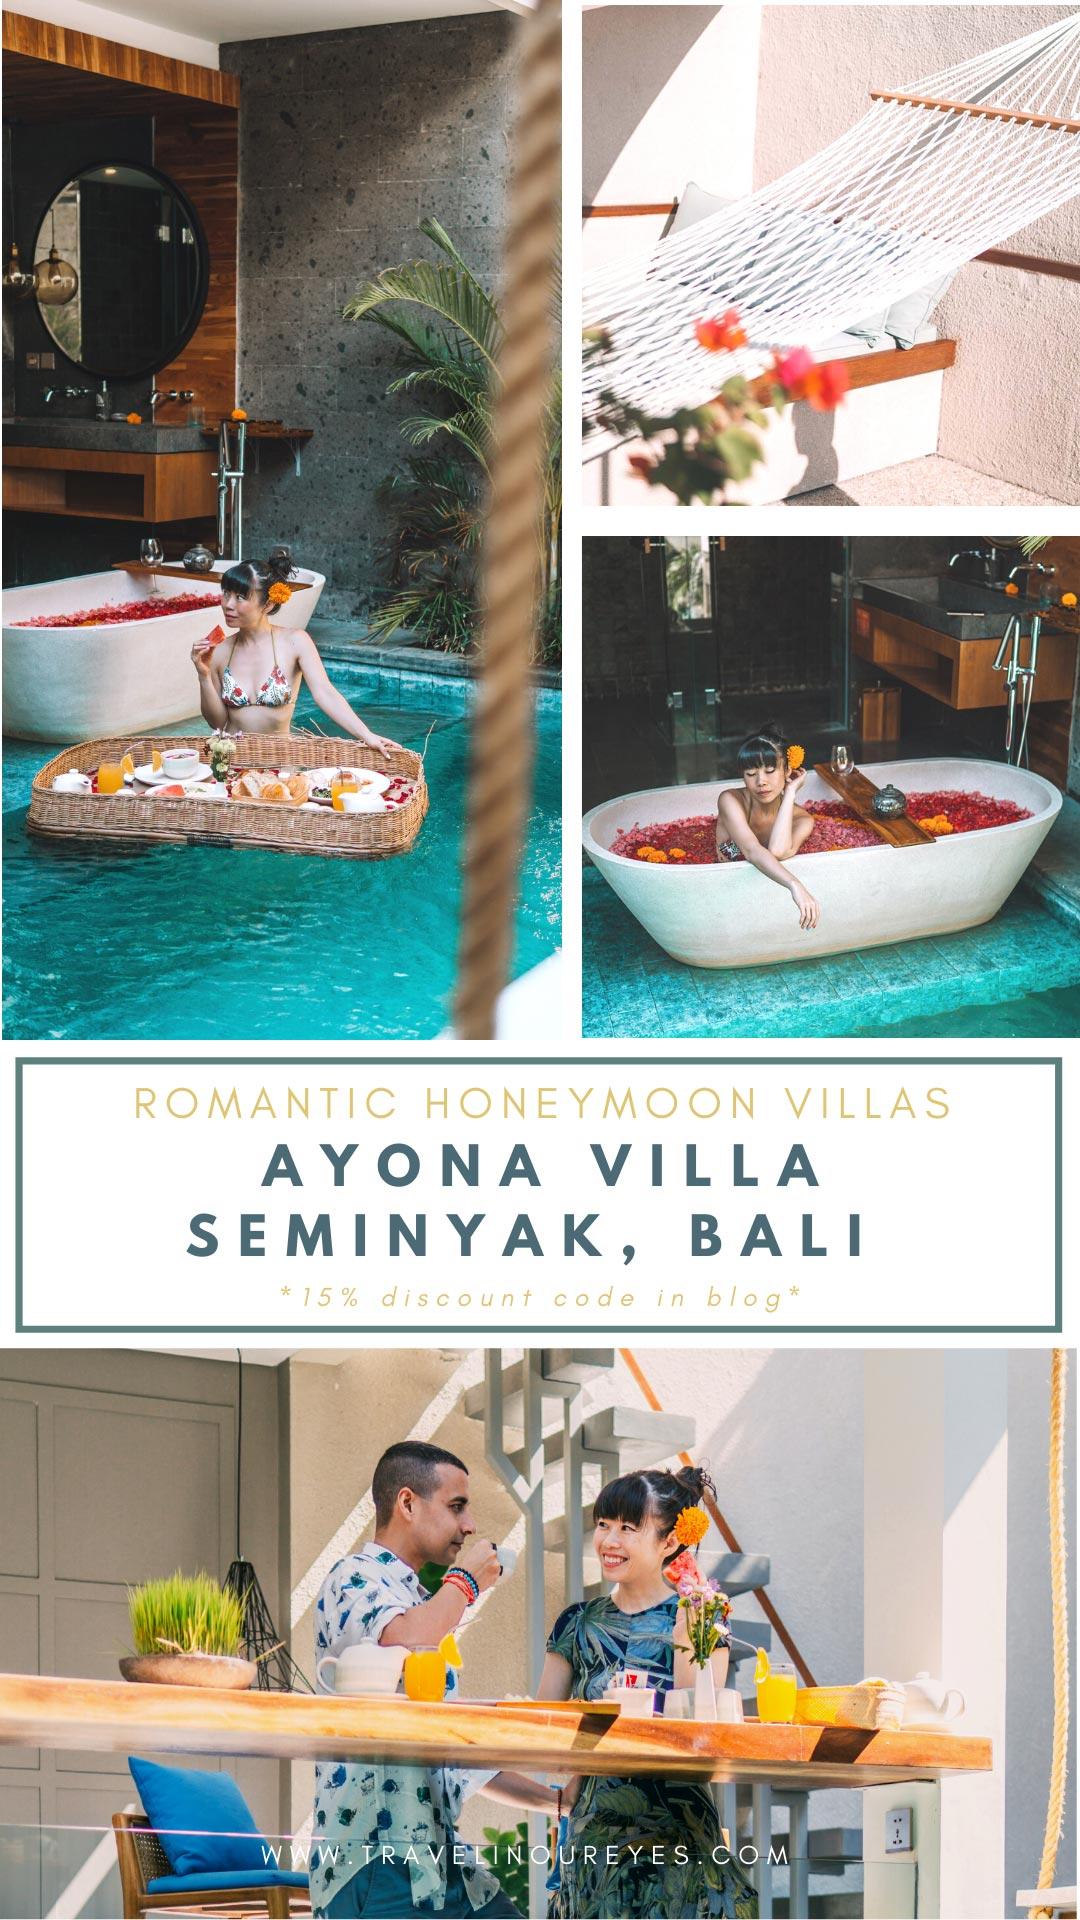 Ayona Villa: Luxurious Romantic Villa in Seminyak, Bali